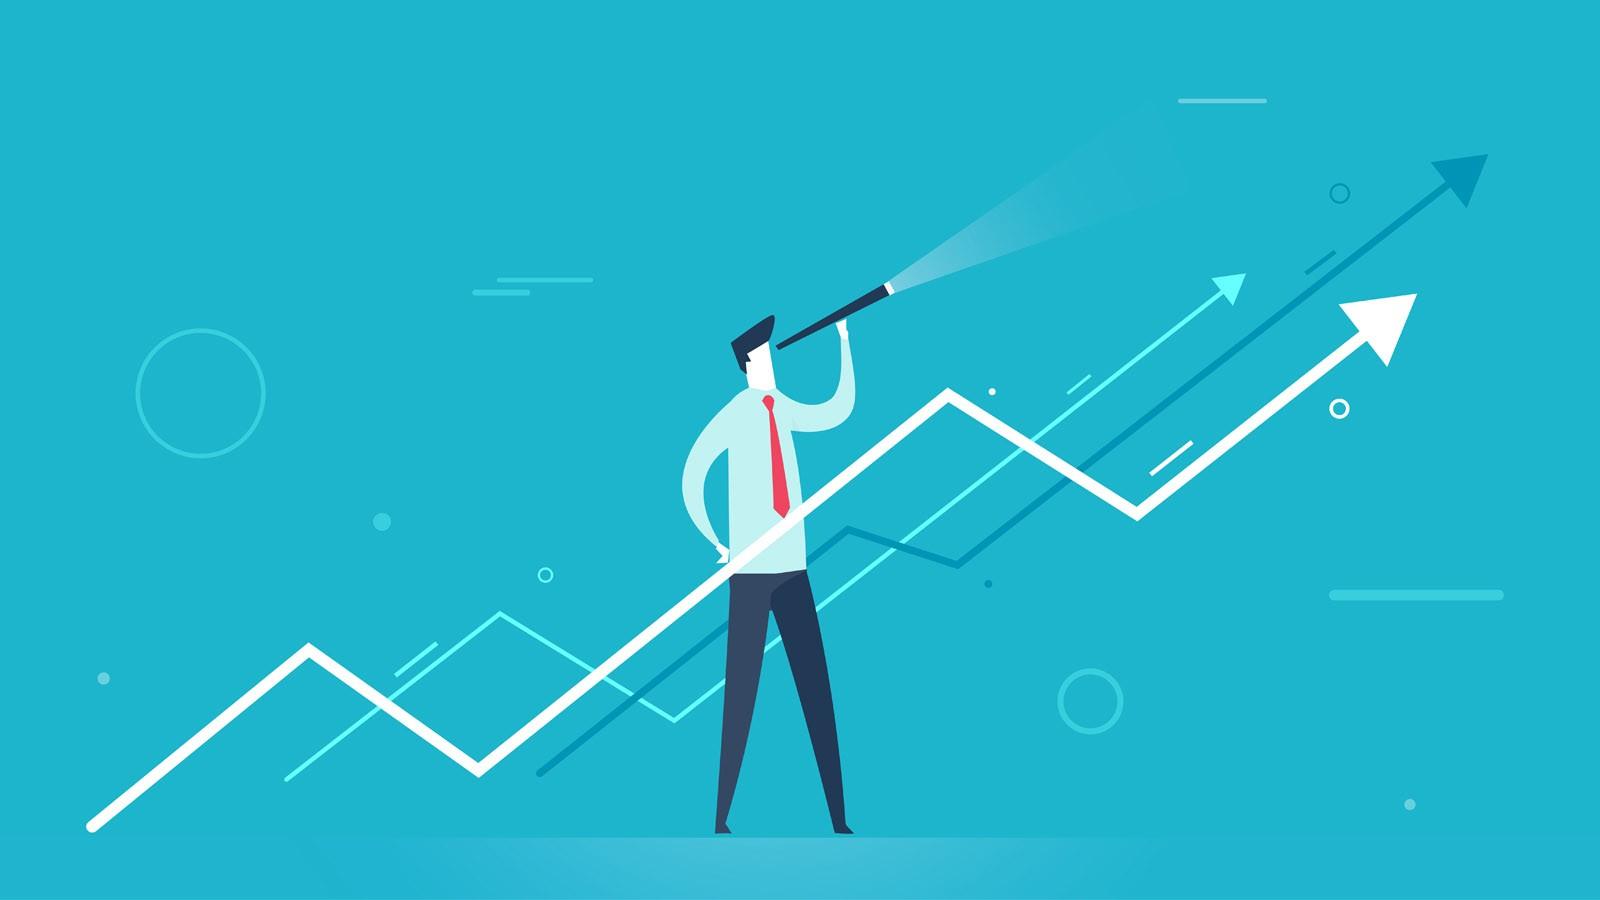 Las 5 fases del crecimiento empresarial: ¿en cuál estás tú?